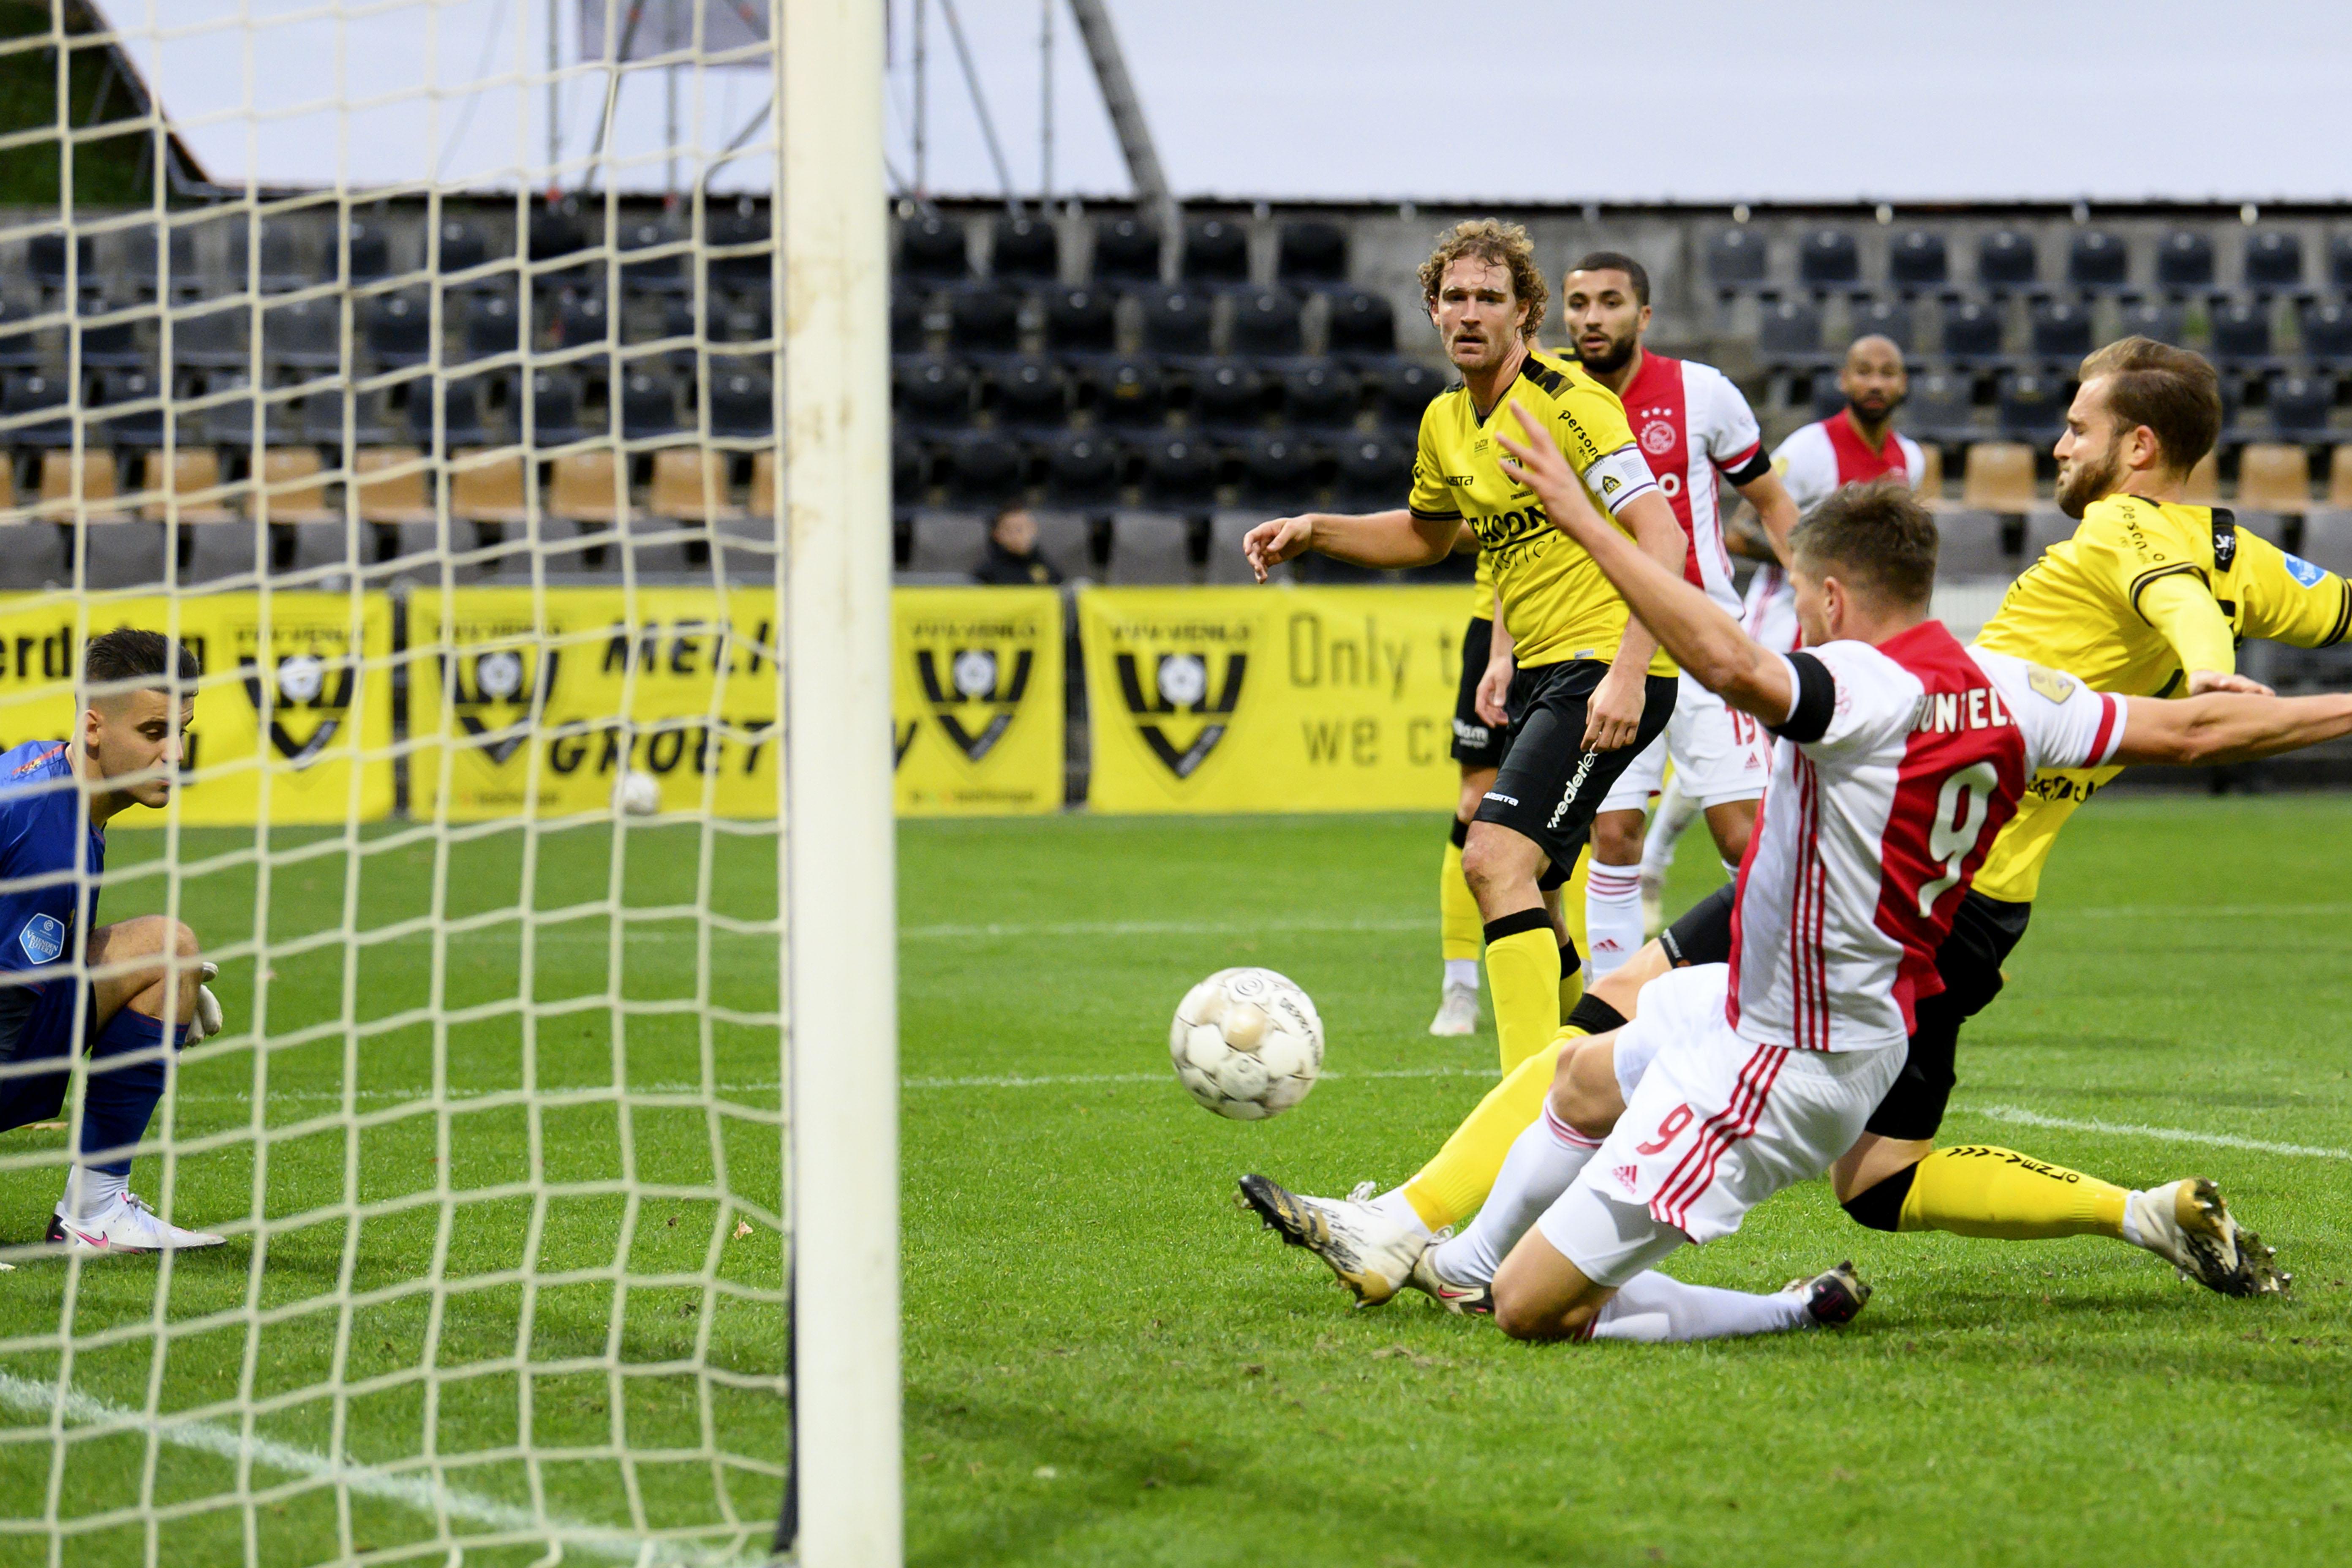 Ajax viert grootste score ooit in eredivisie: dertien doelpunten tegen VVV-Venlo [video]